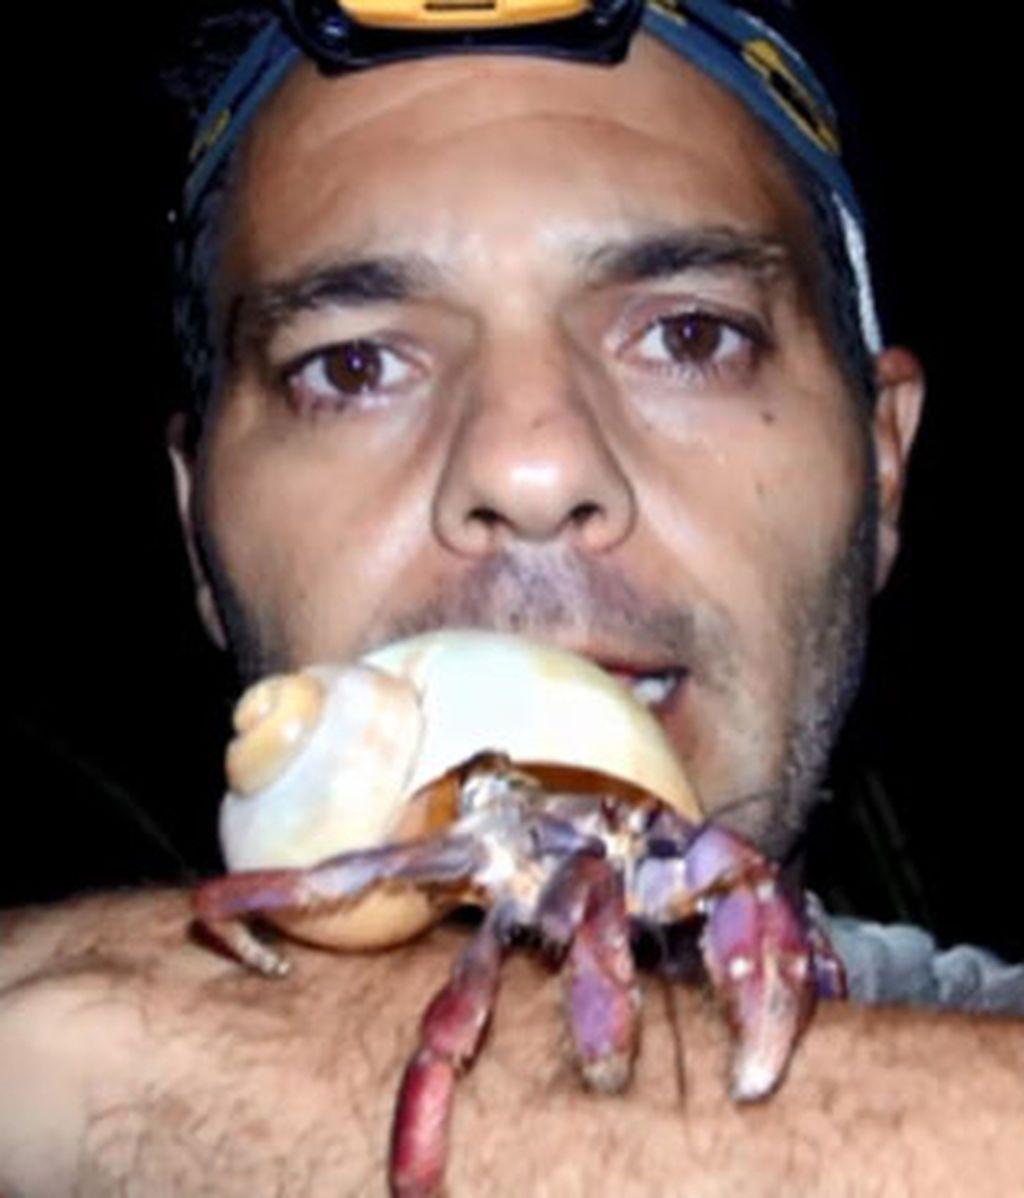 Frank y los cangrejos